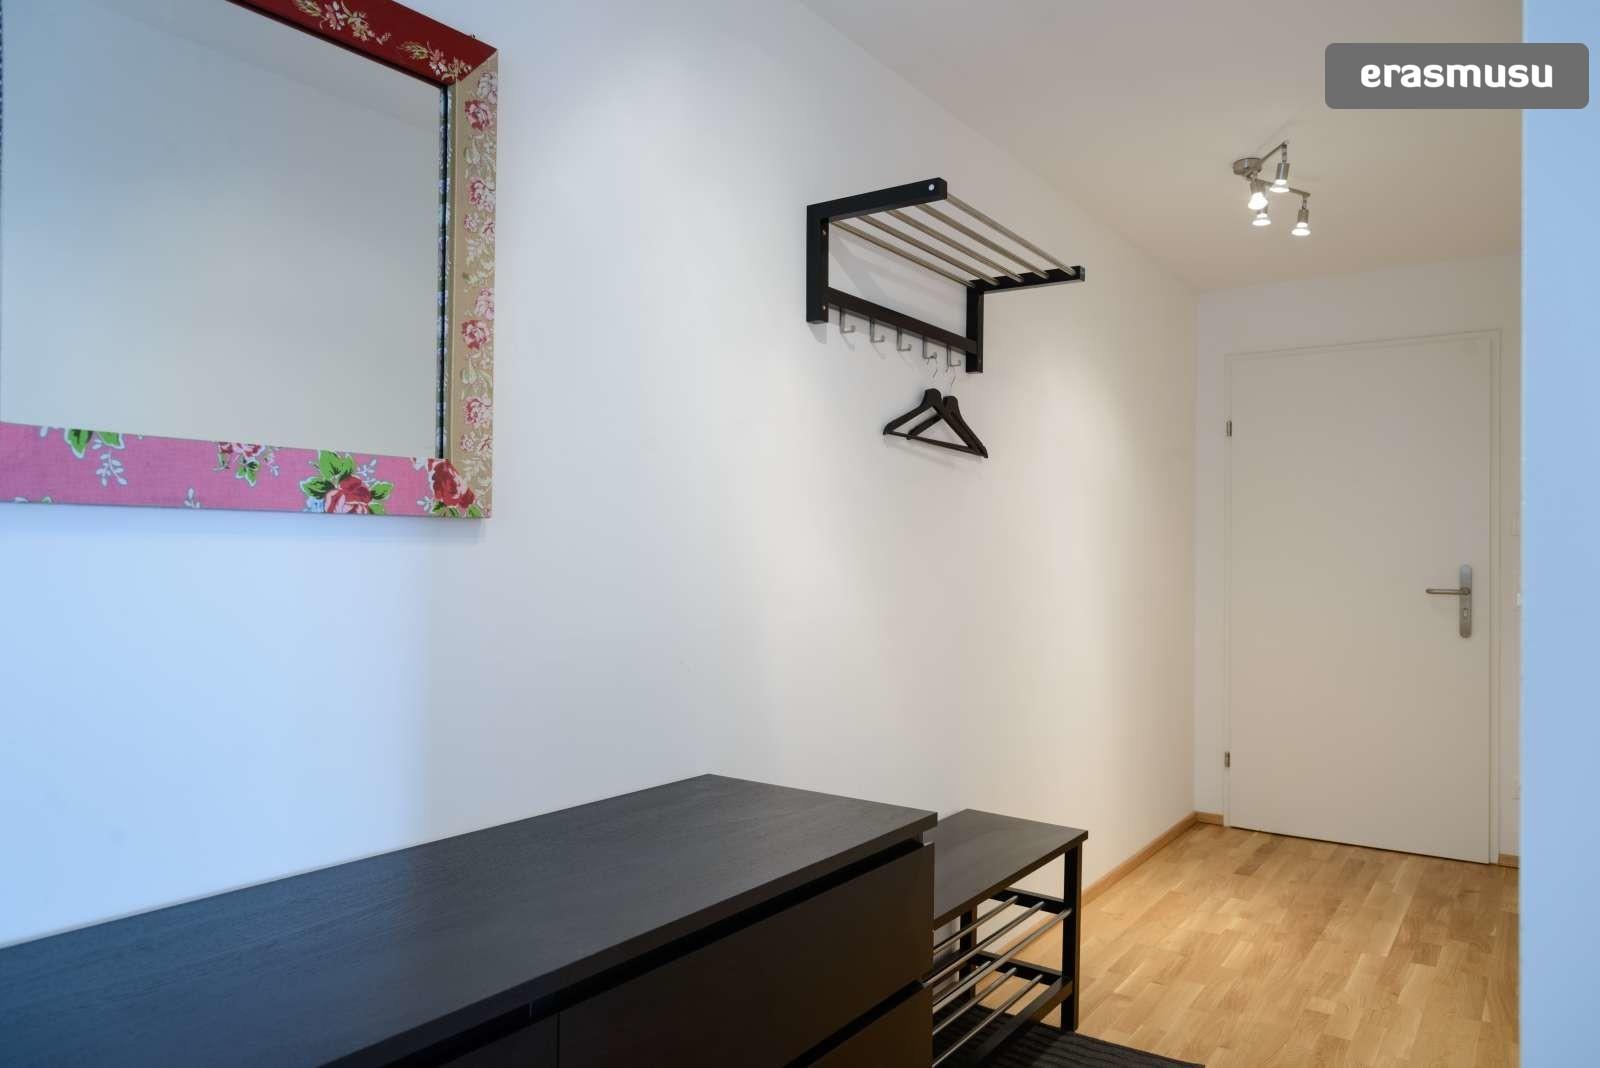 spacious-studio-apartment-rent-aspern-area-donaustadt-7fb2ebe059